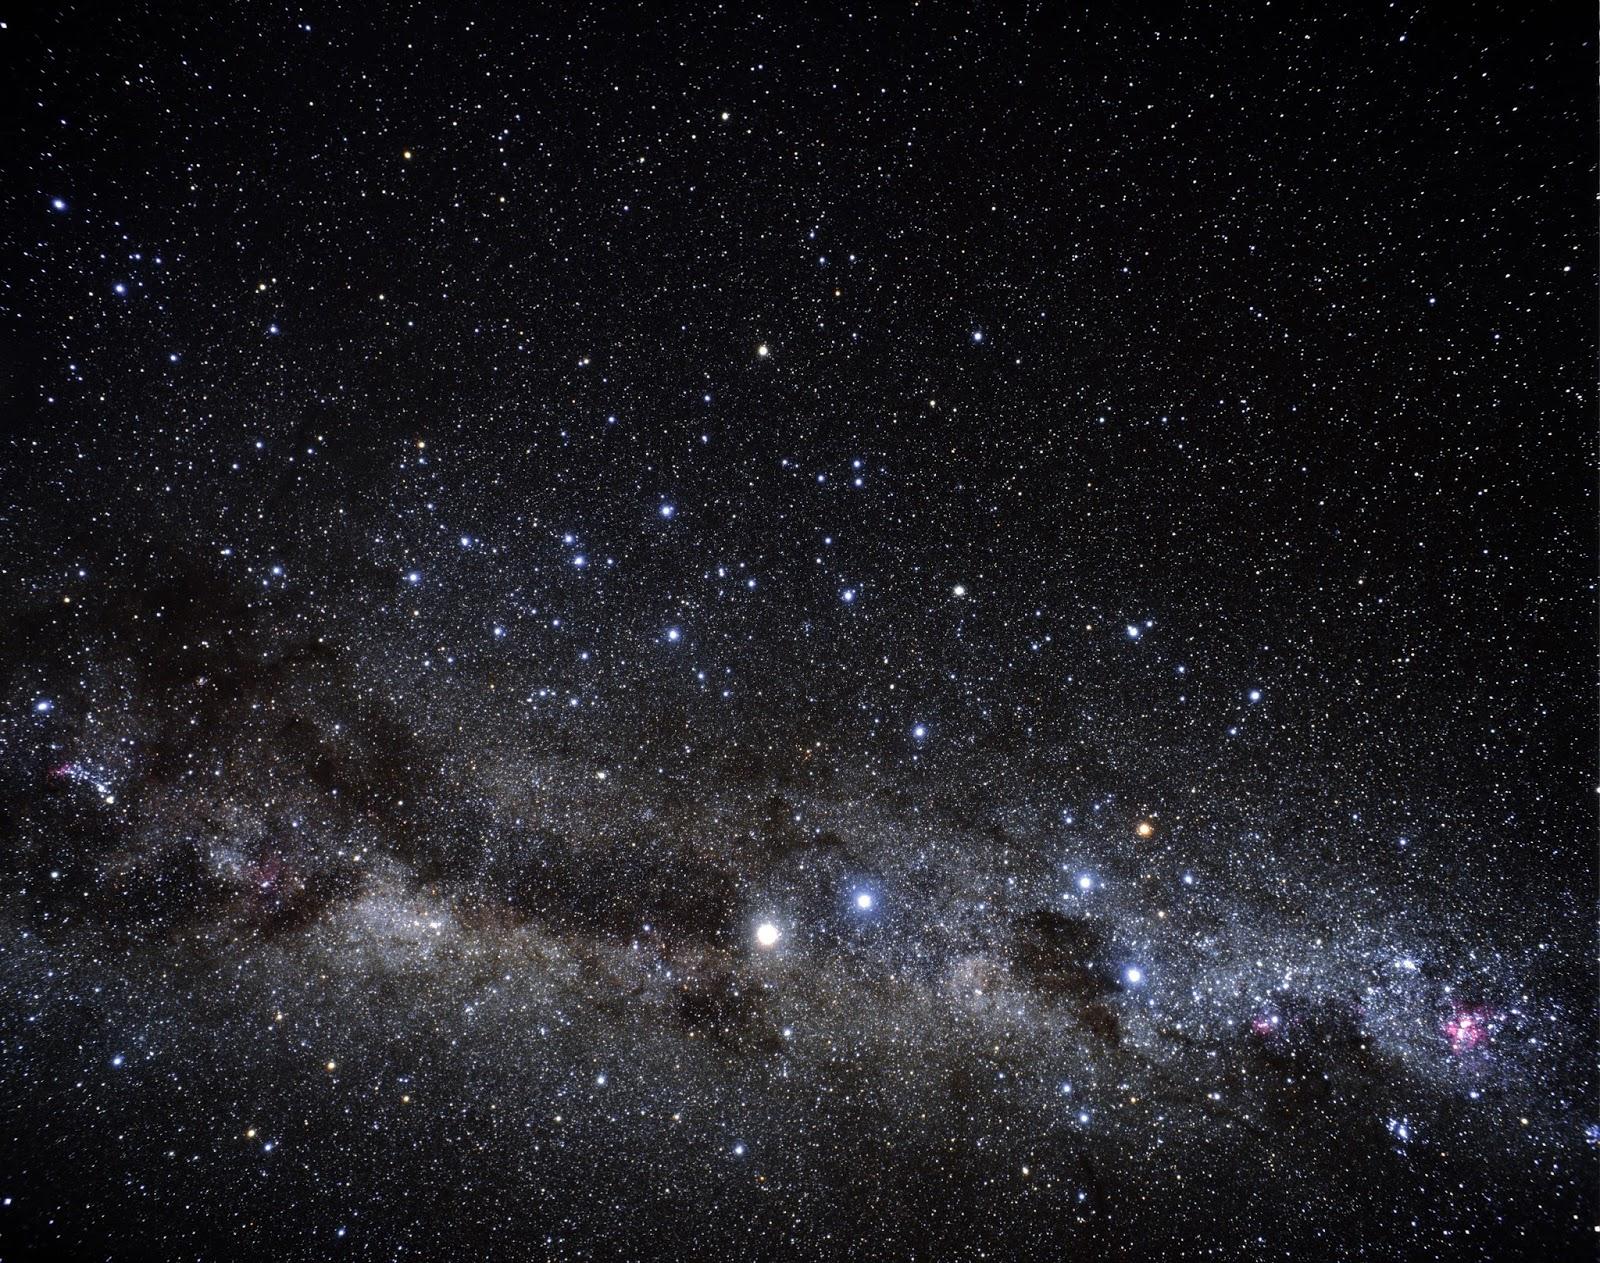 Espacio Exterior. Space. Fondos de Pantalla. Backgrounds